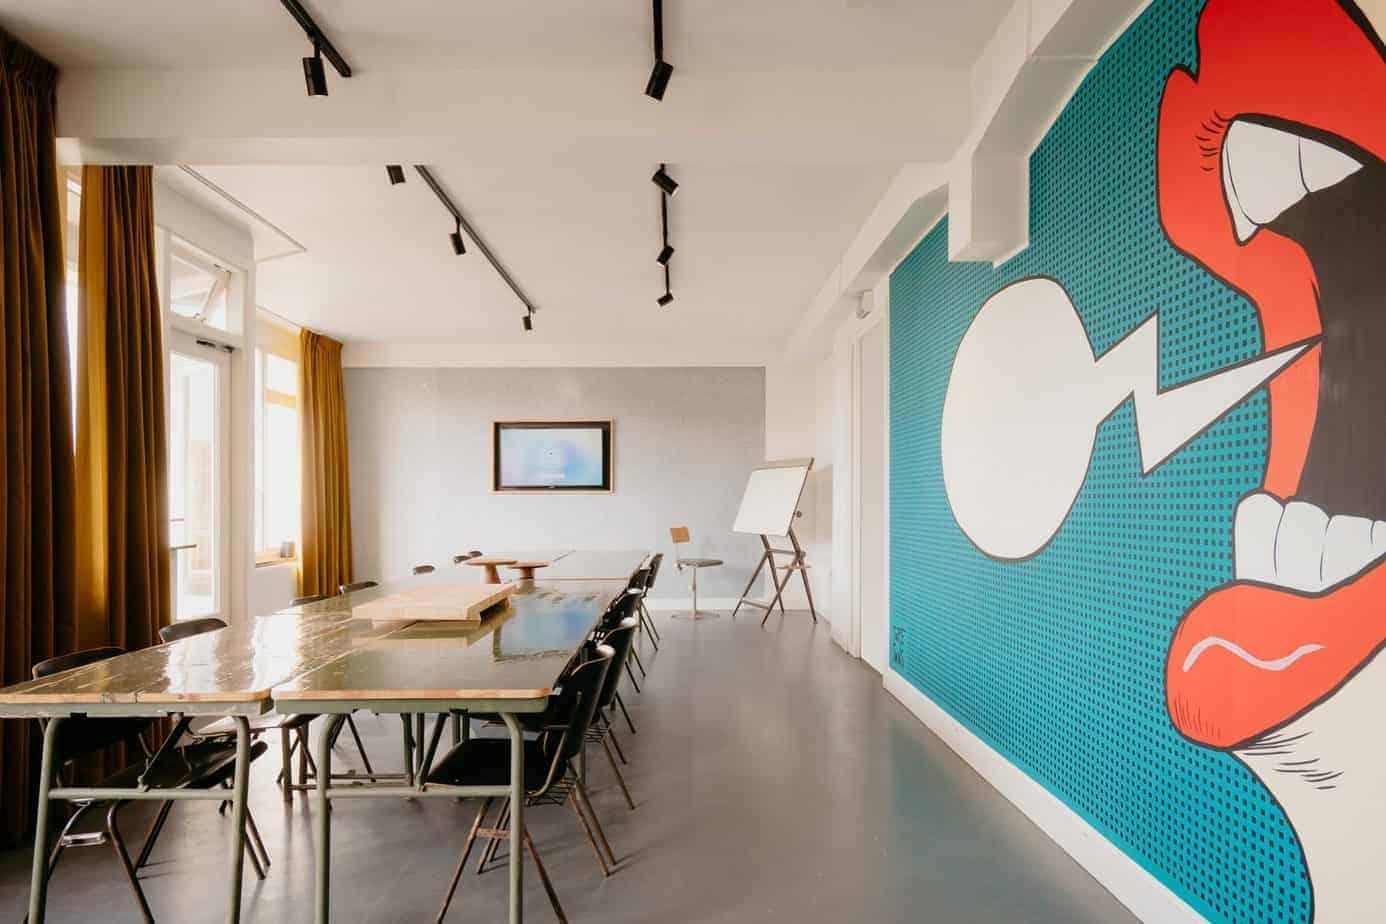 Top 10 Workshop Spaces in Amsterdam